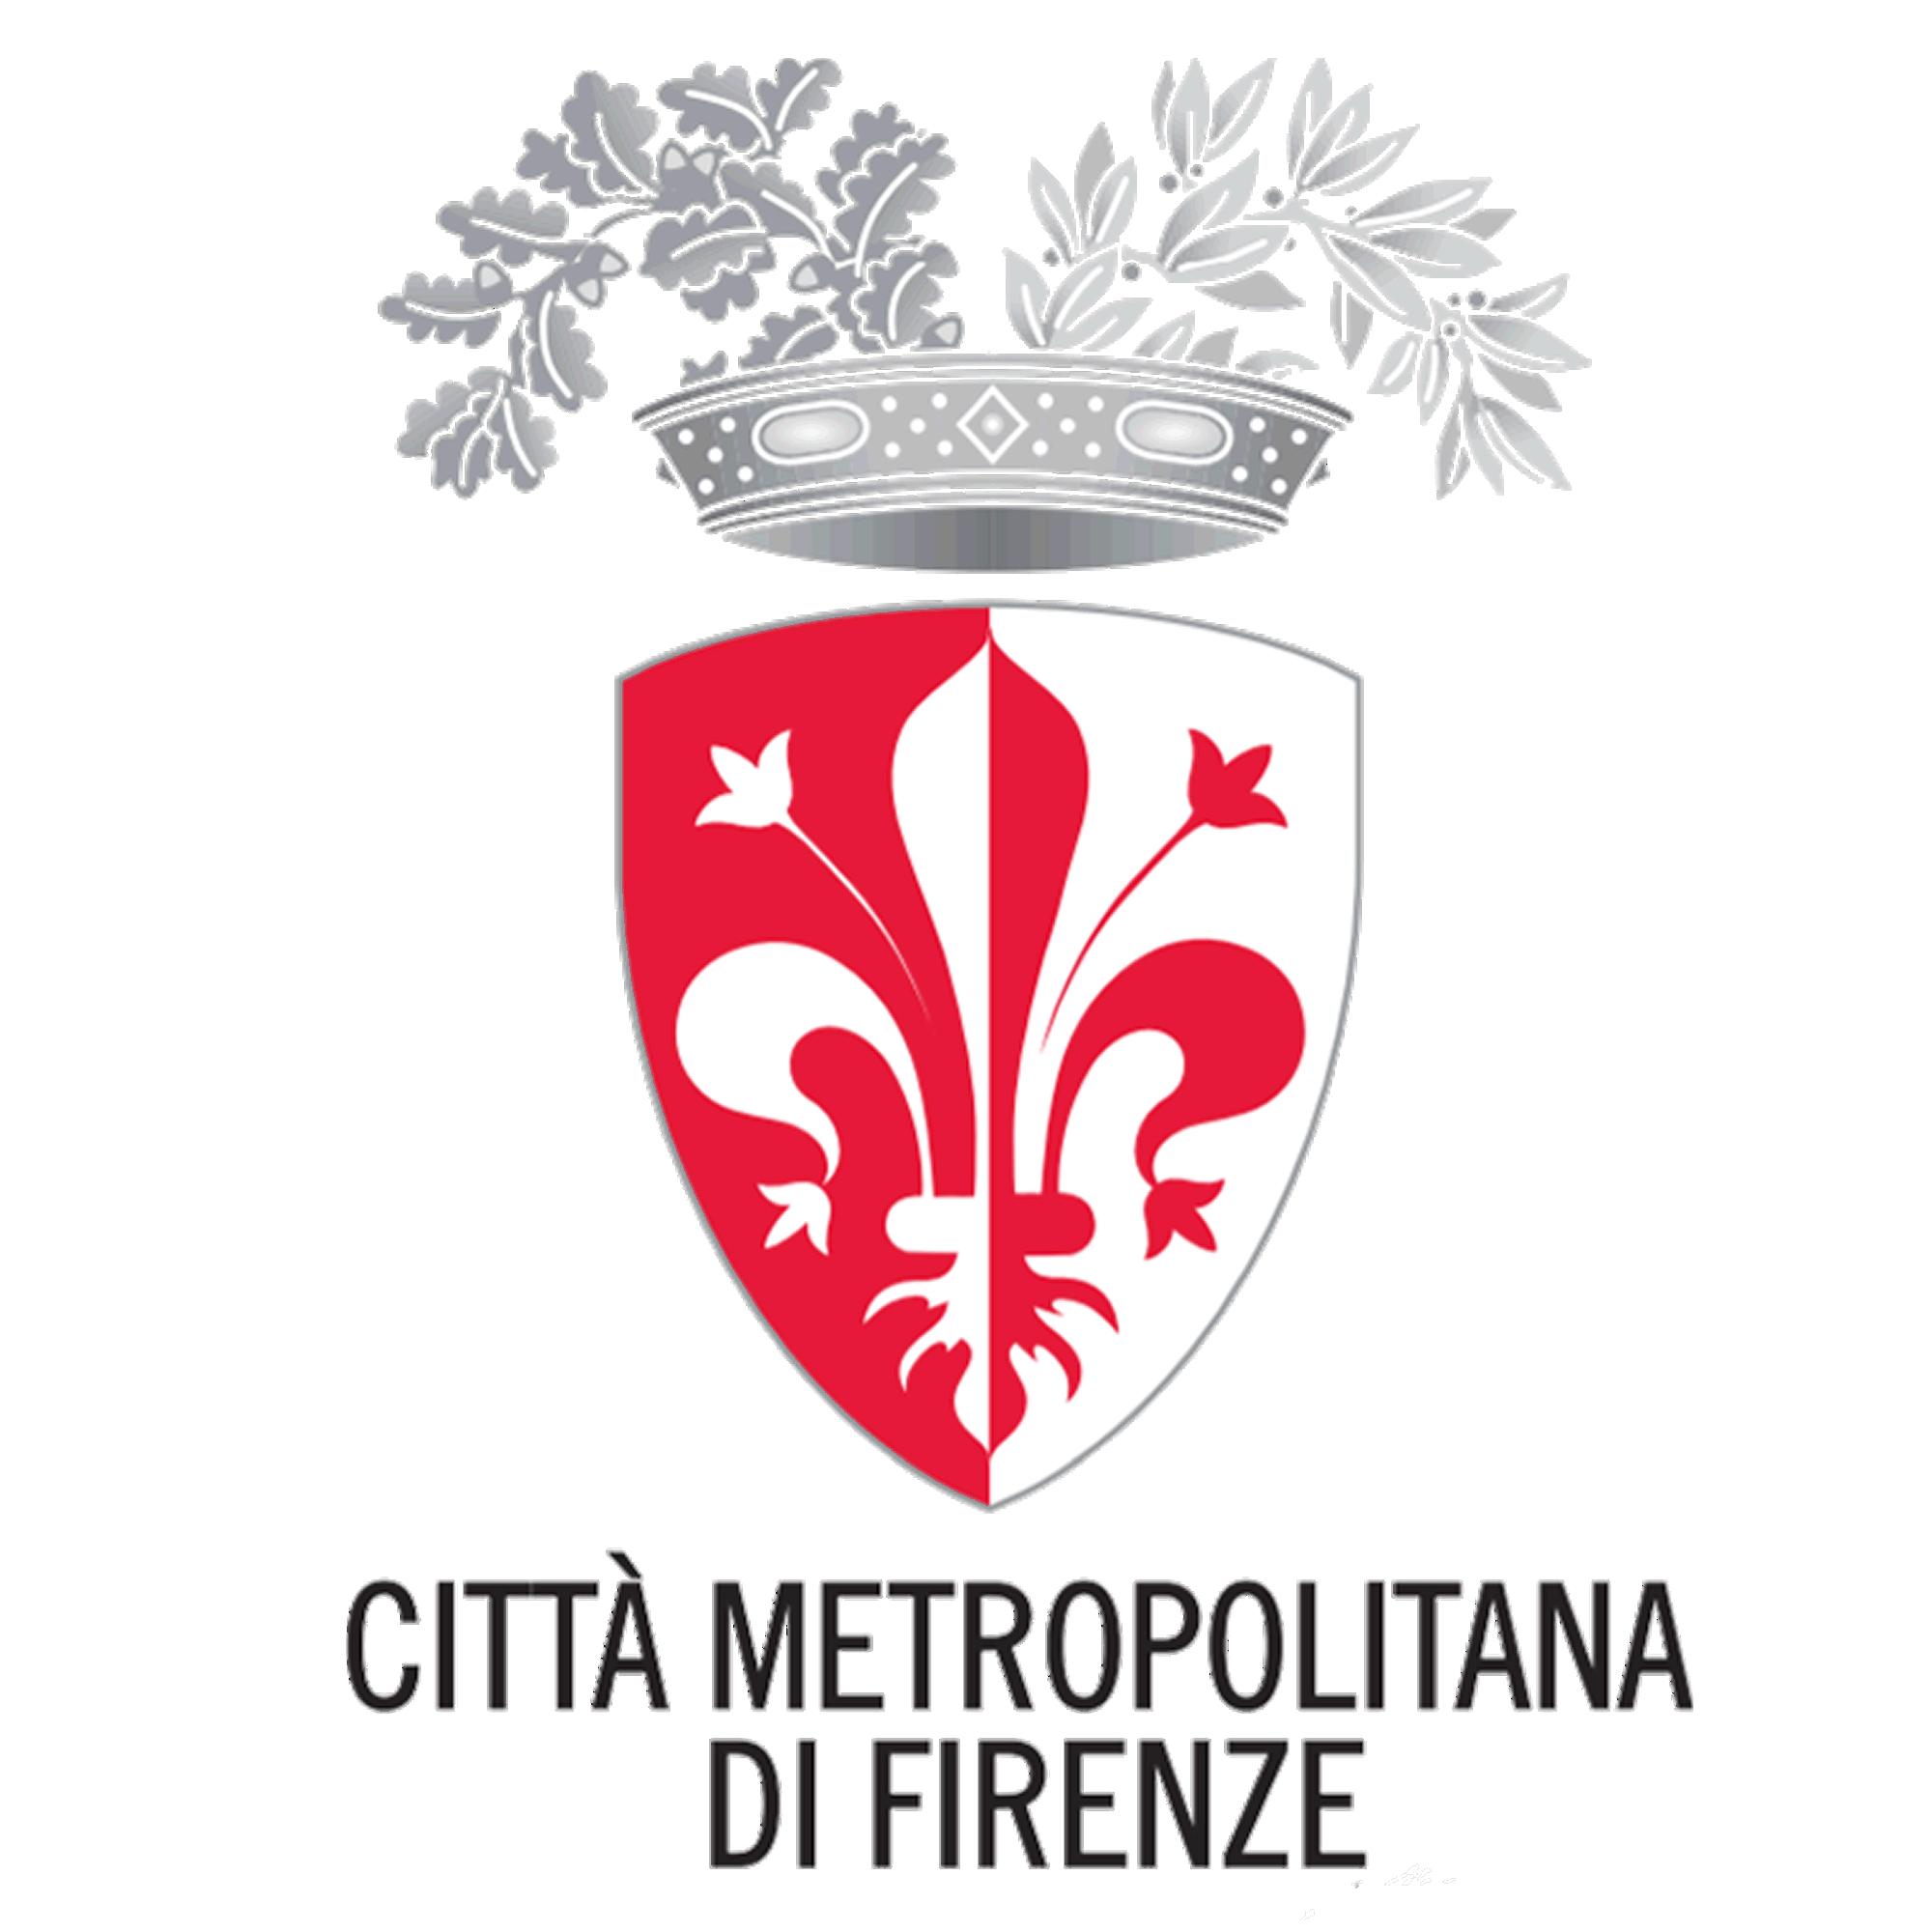 Stemma Città metropolitana di Firenze